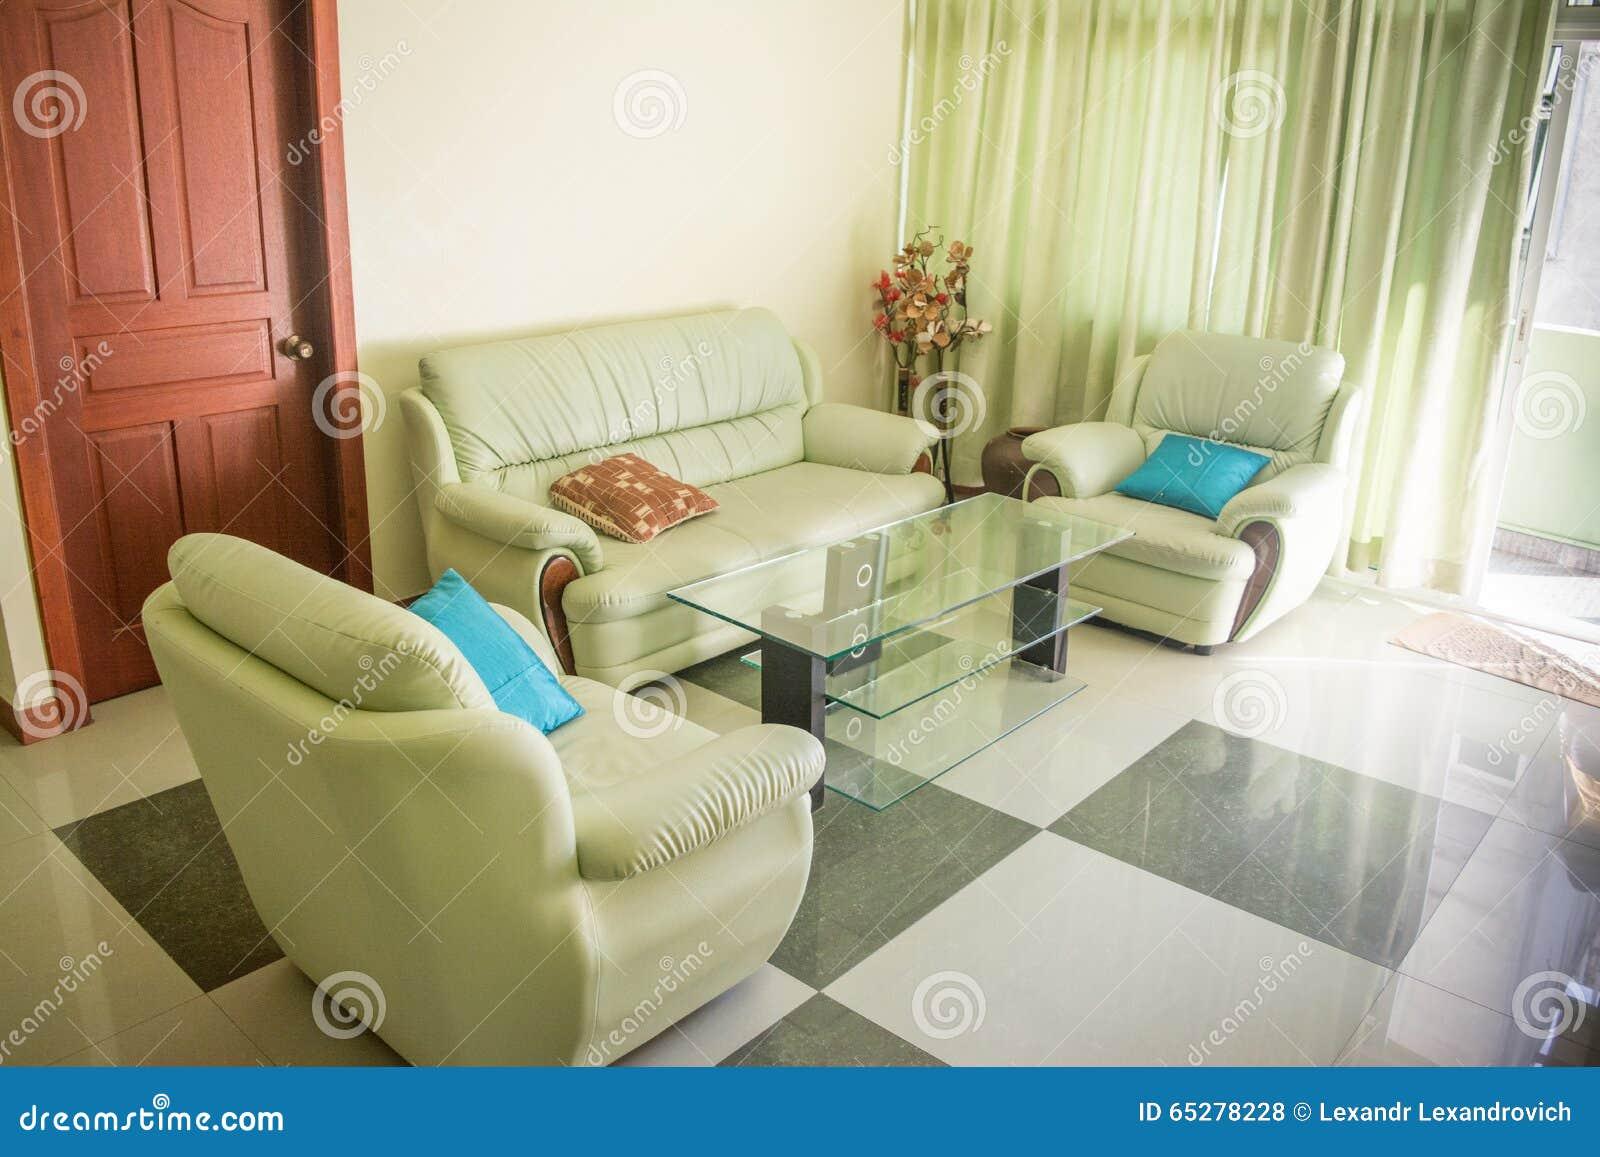 Vardagsrum med soffan och fåtöljer arkivfoto   bild: 65278228